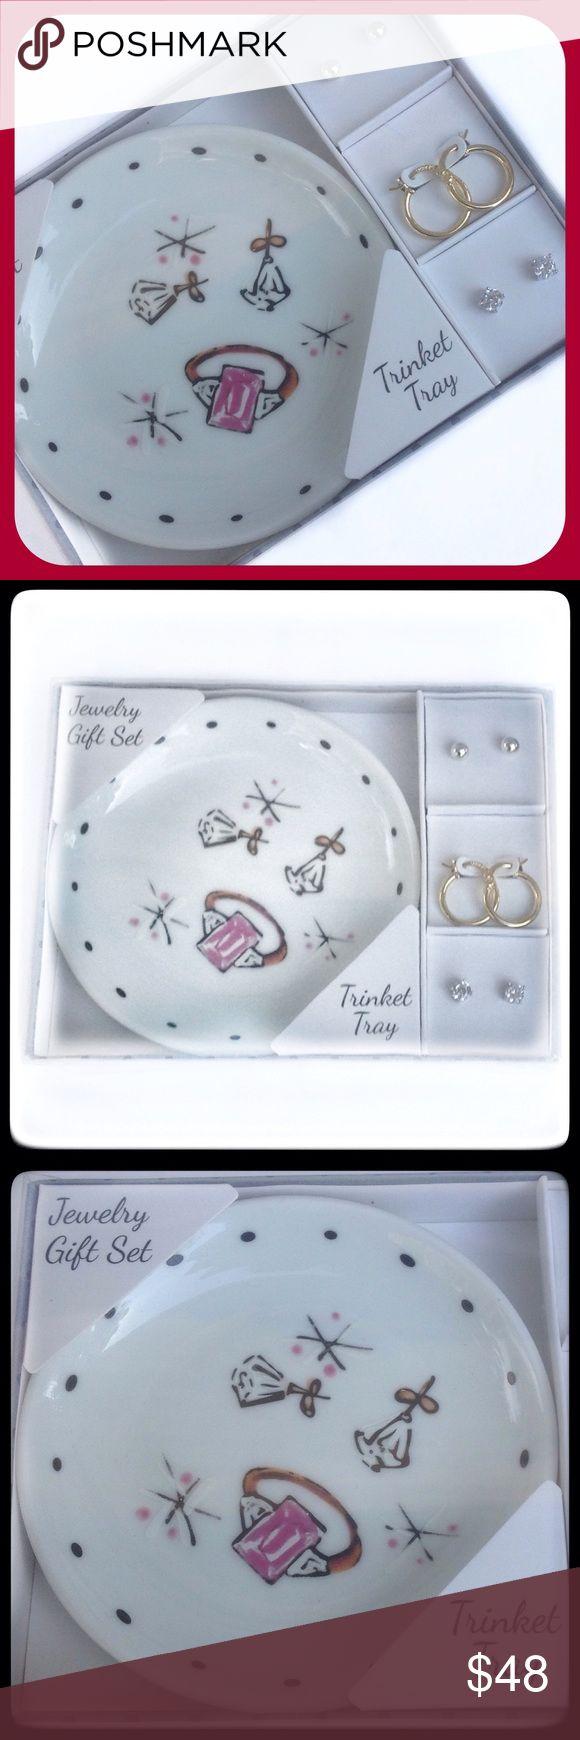 Spectacular Trinket Jewelry Set NWT